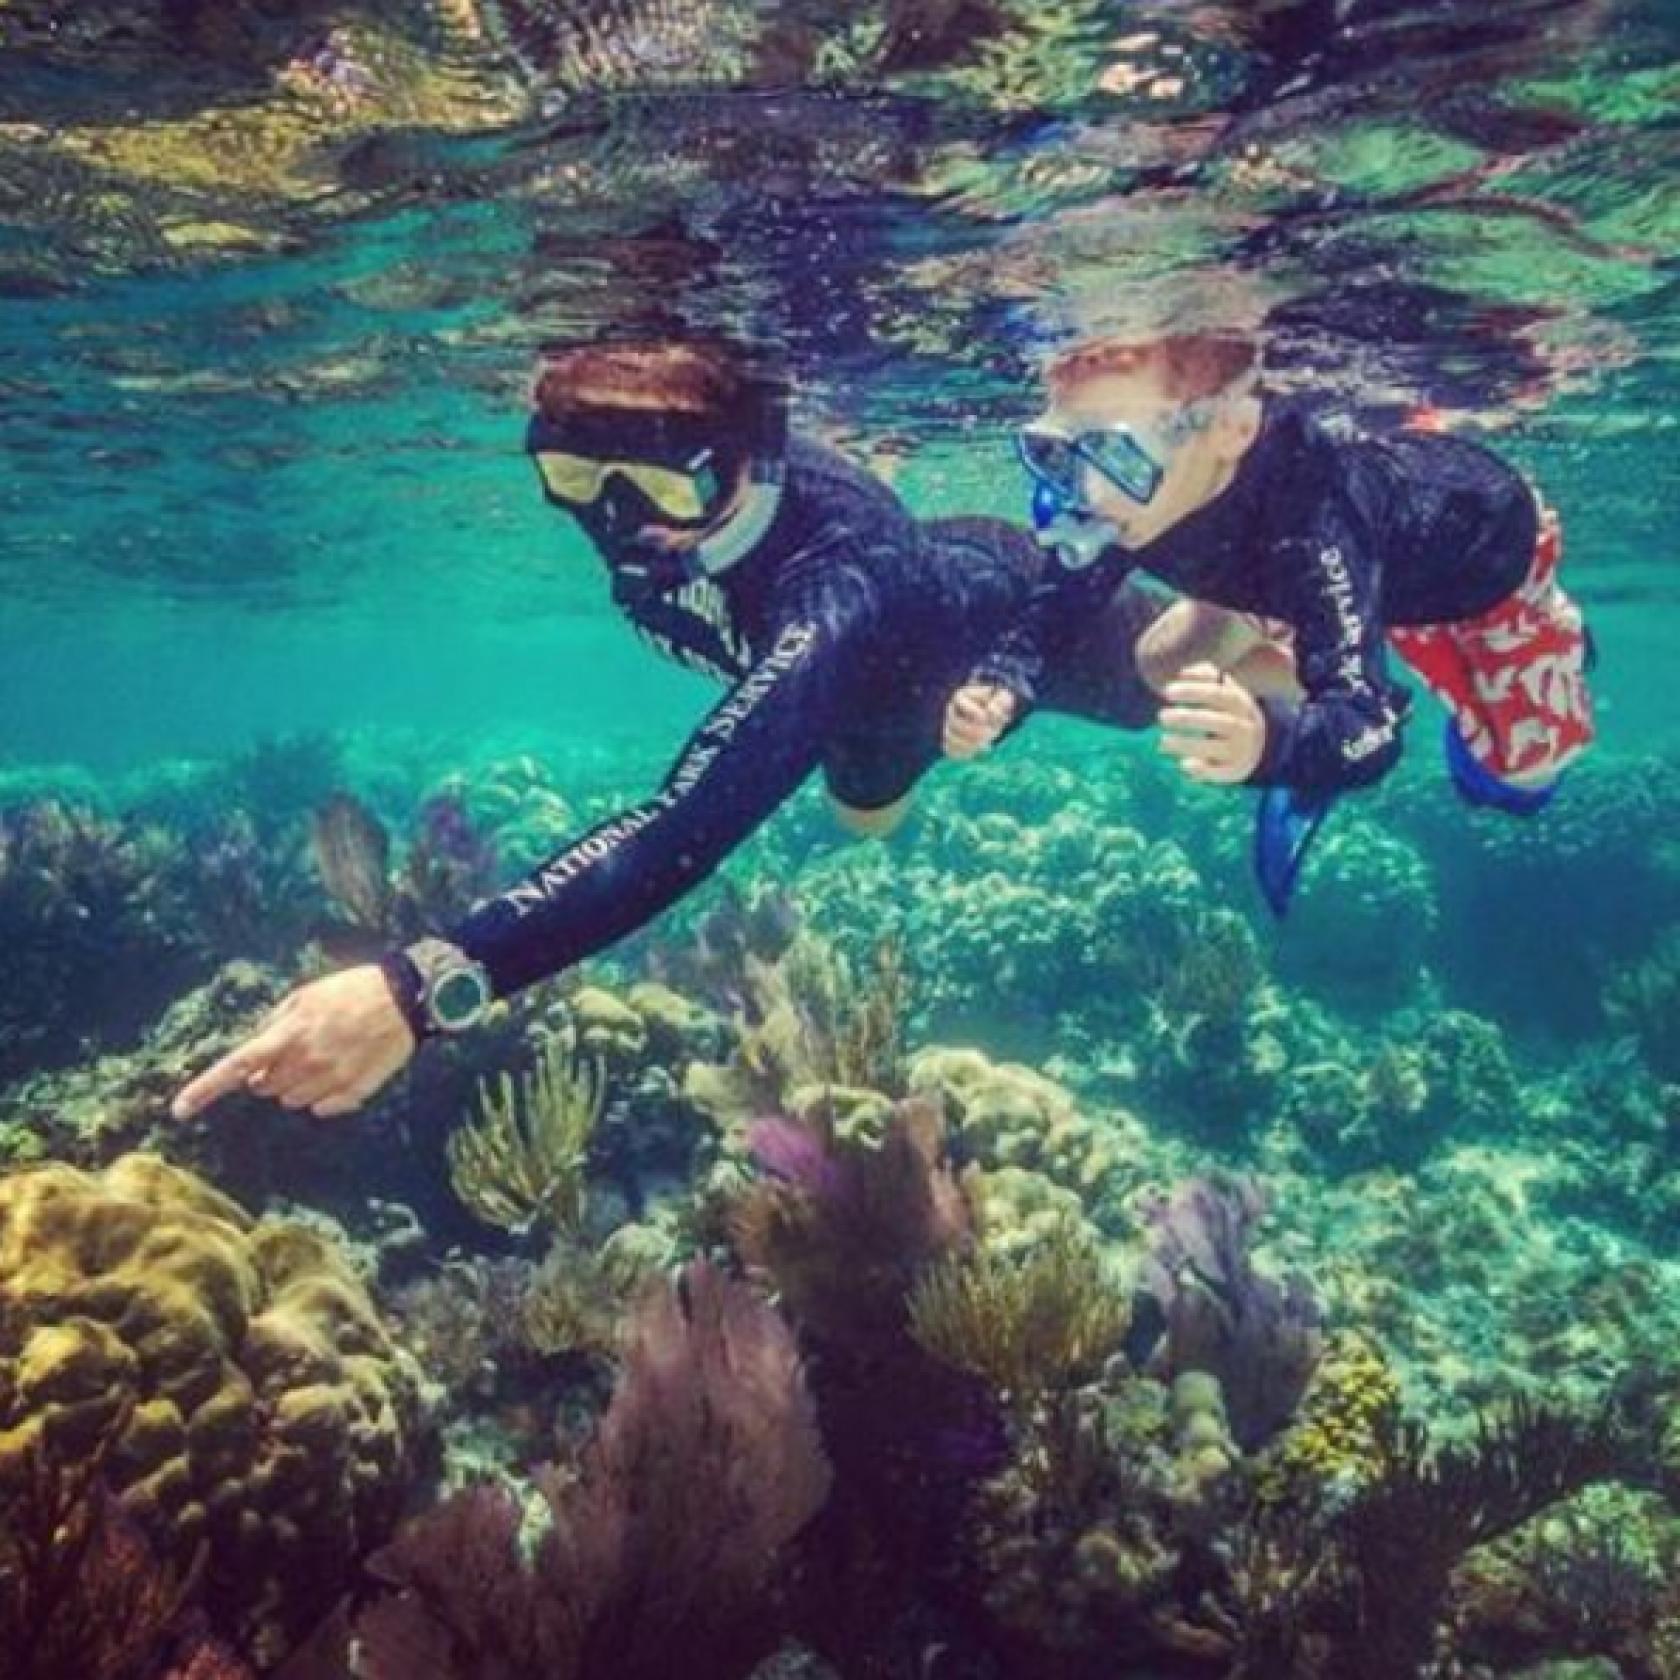 Dos guardaparques nacionales señalan peces y corales mientras bucean